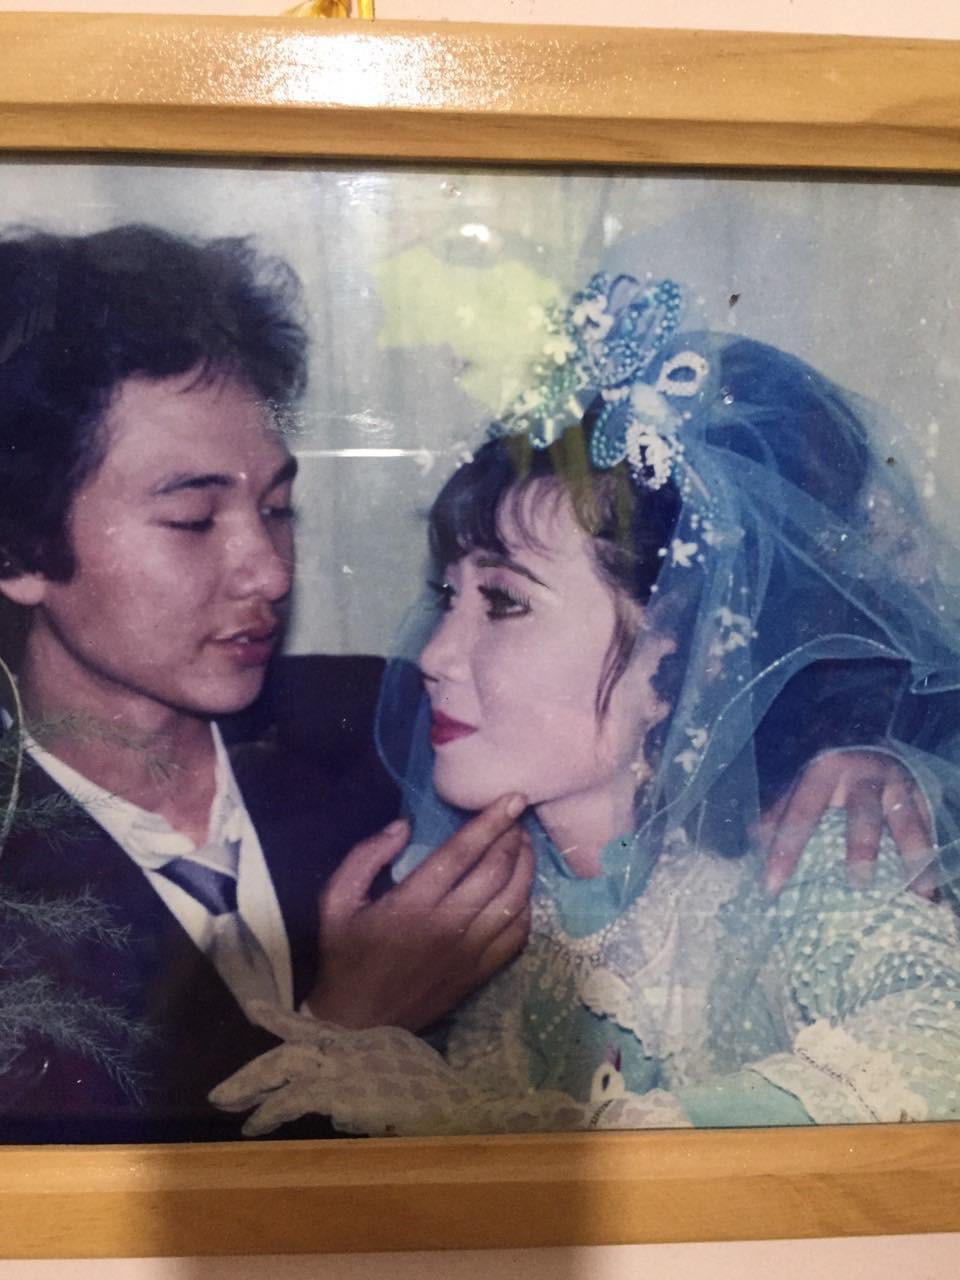 29 năm trước người đàn ông quyết cãi lời tất cả để cưới cô gái hàng xóm, nhìn nhan sắc cô dâu thì ai nấy cũng hiểu phần nào lý do 3